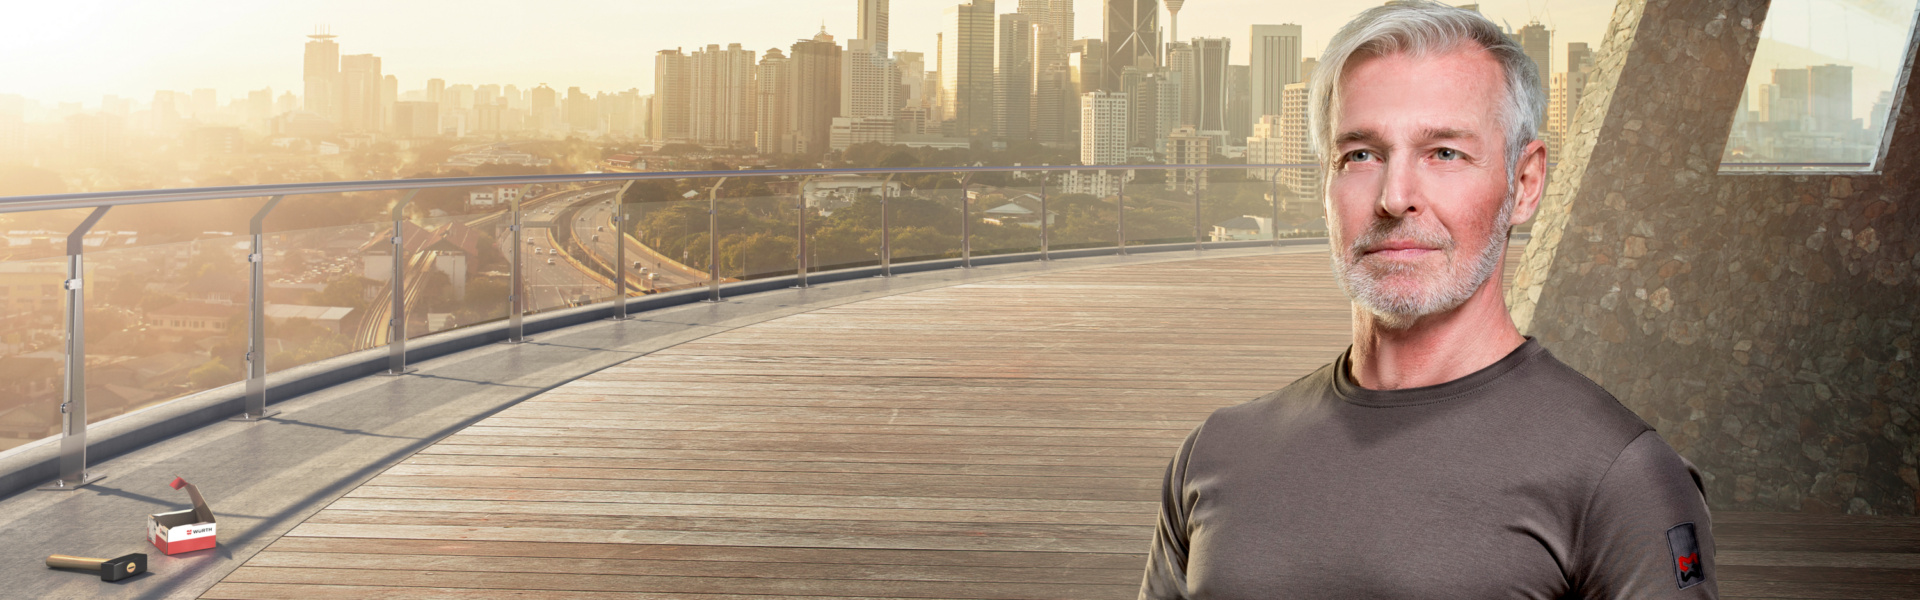 W-FAZ Pro: Der stärkste Fixanker für die Welt